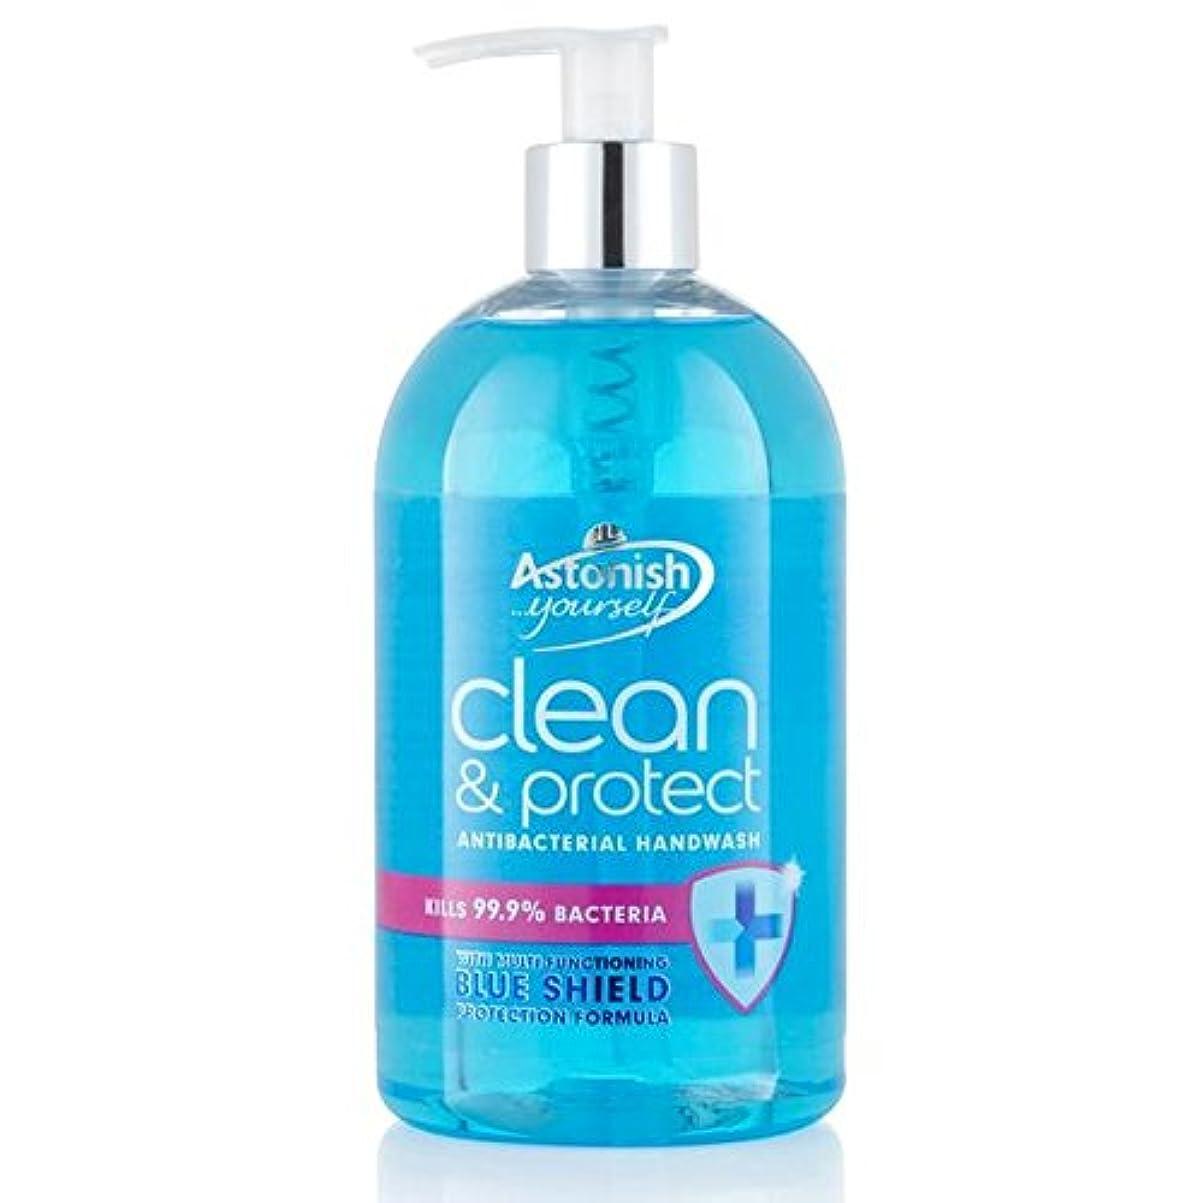 聞きますマニアアンタゴニストAstonish Clean & Protect Hand Wash 500ml - クリーン驚か&ハンドウォッシュ500ミリリットルを保護 [並行輸入品]